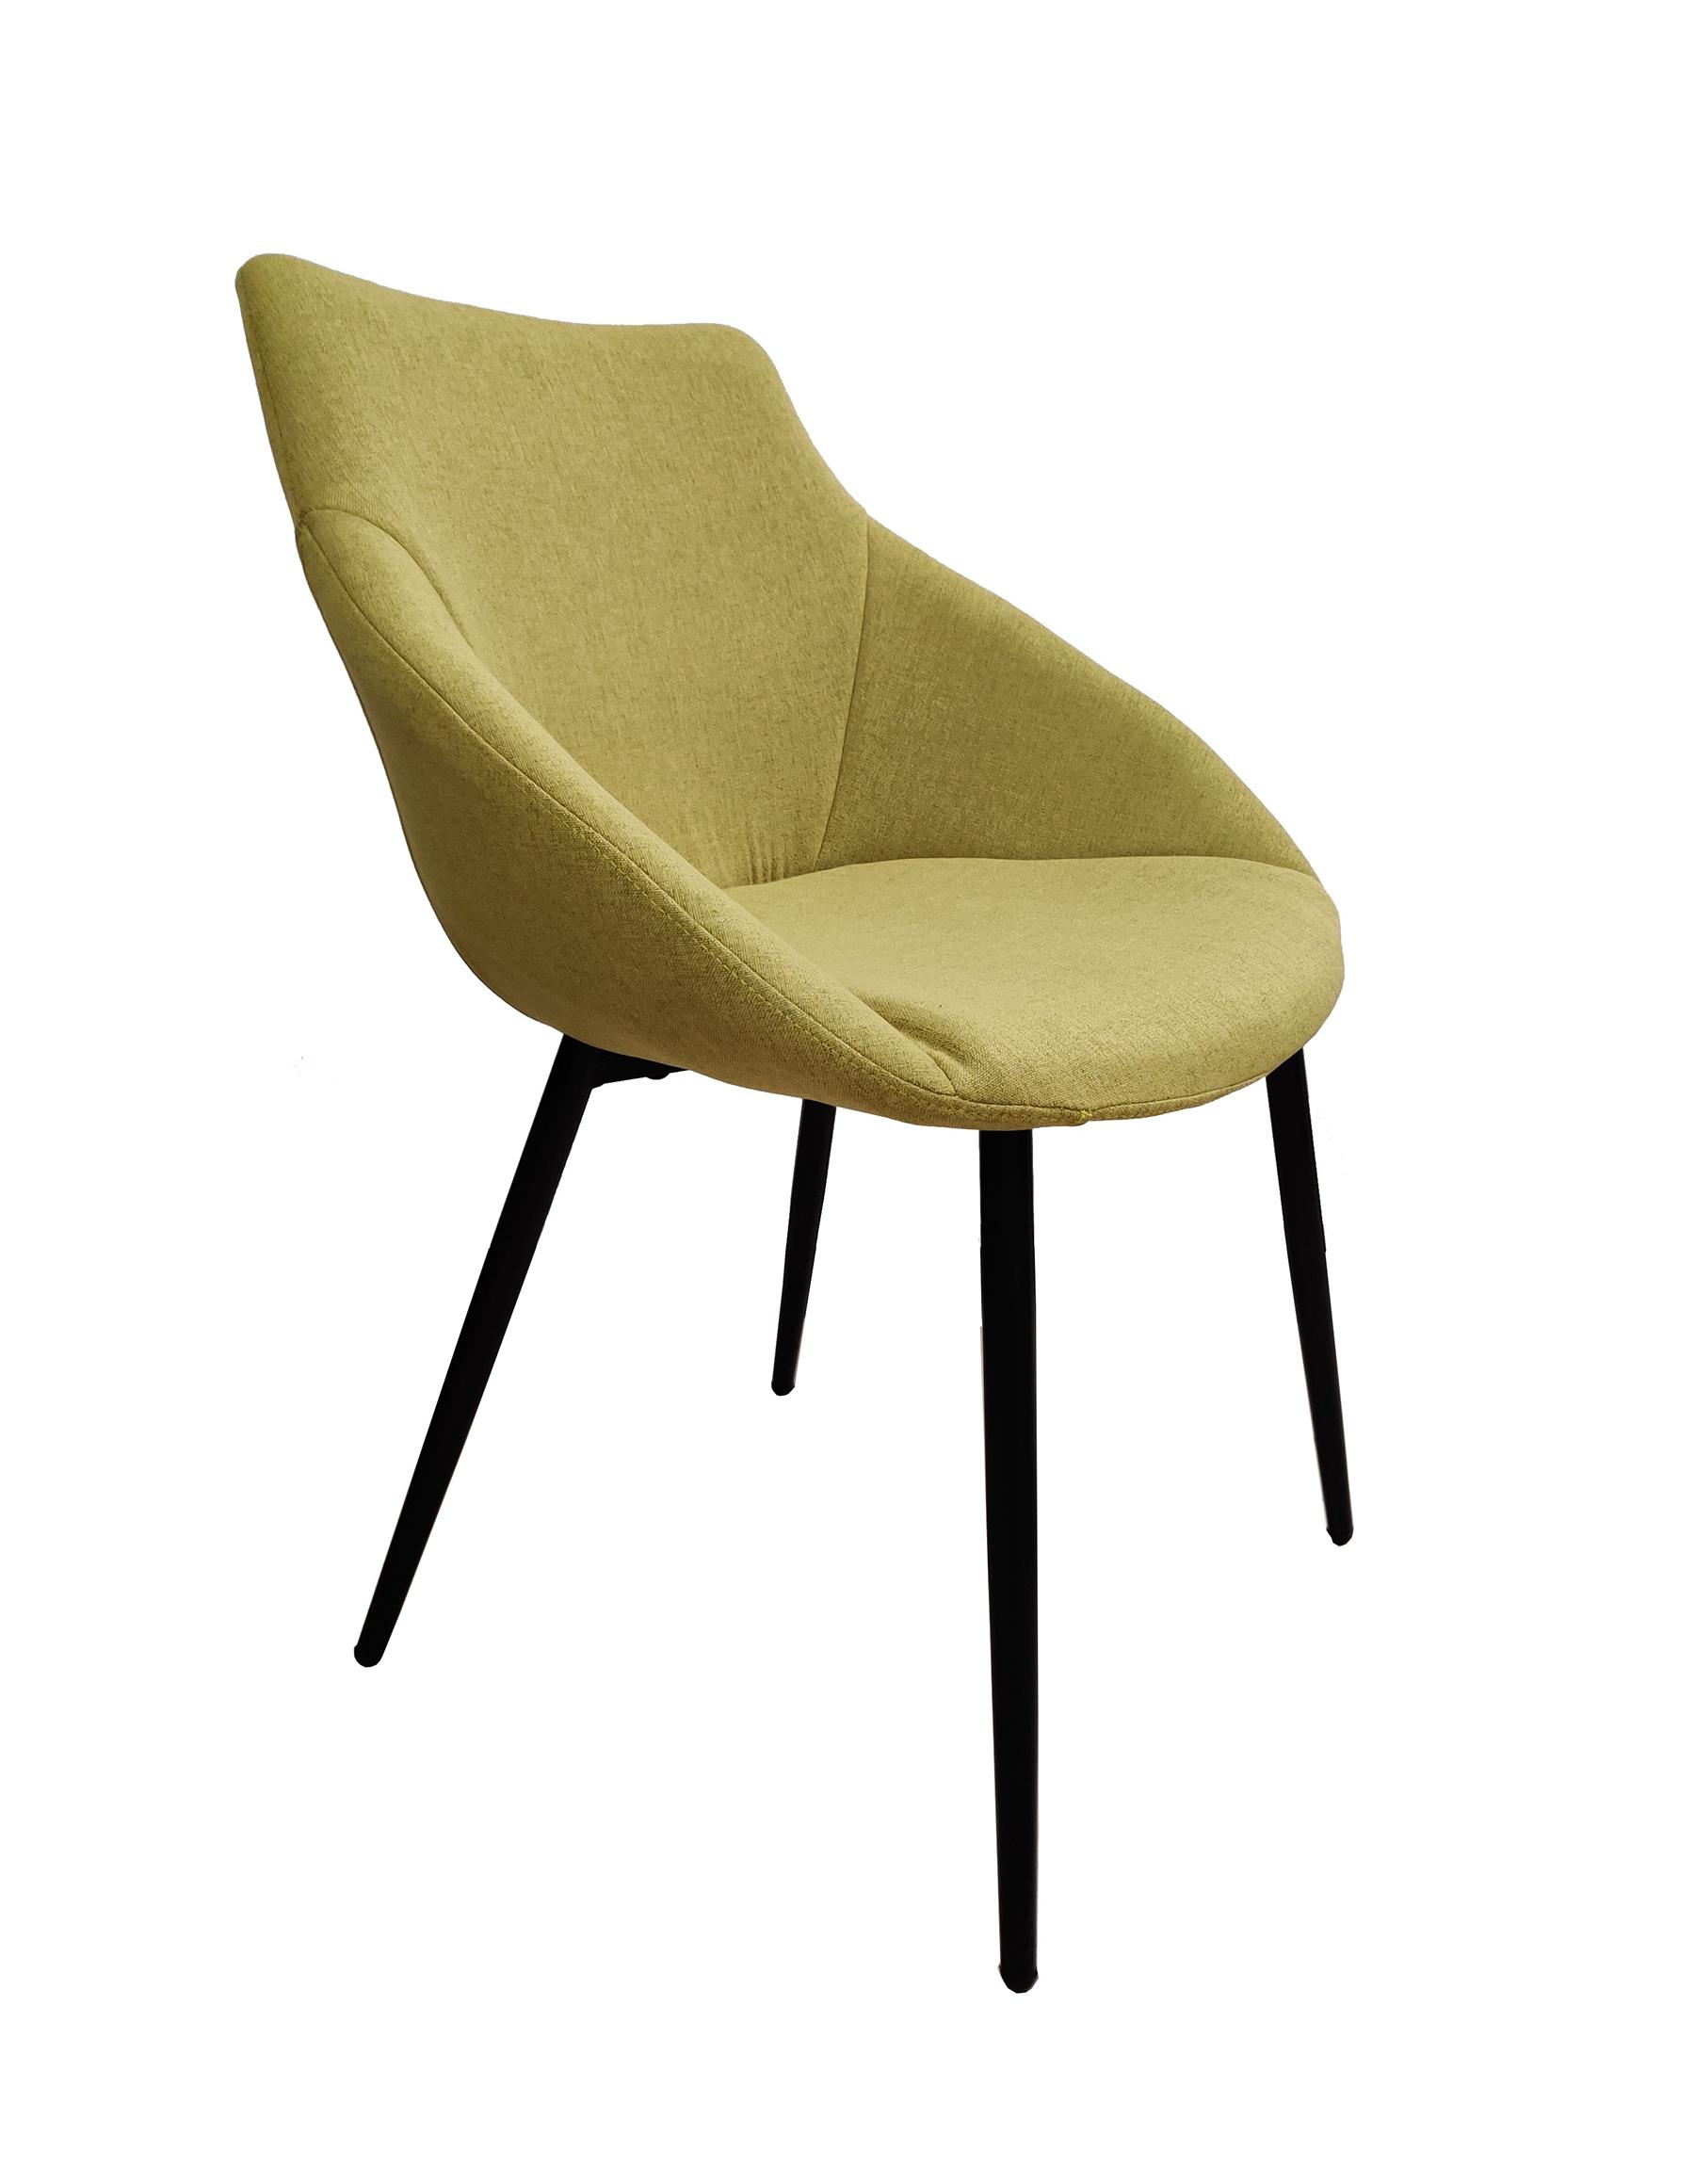 כסא אורח או המתנה דגם הדס